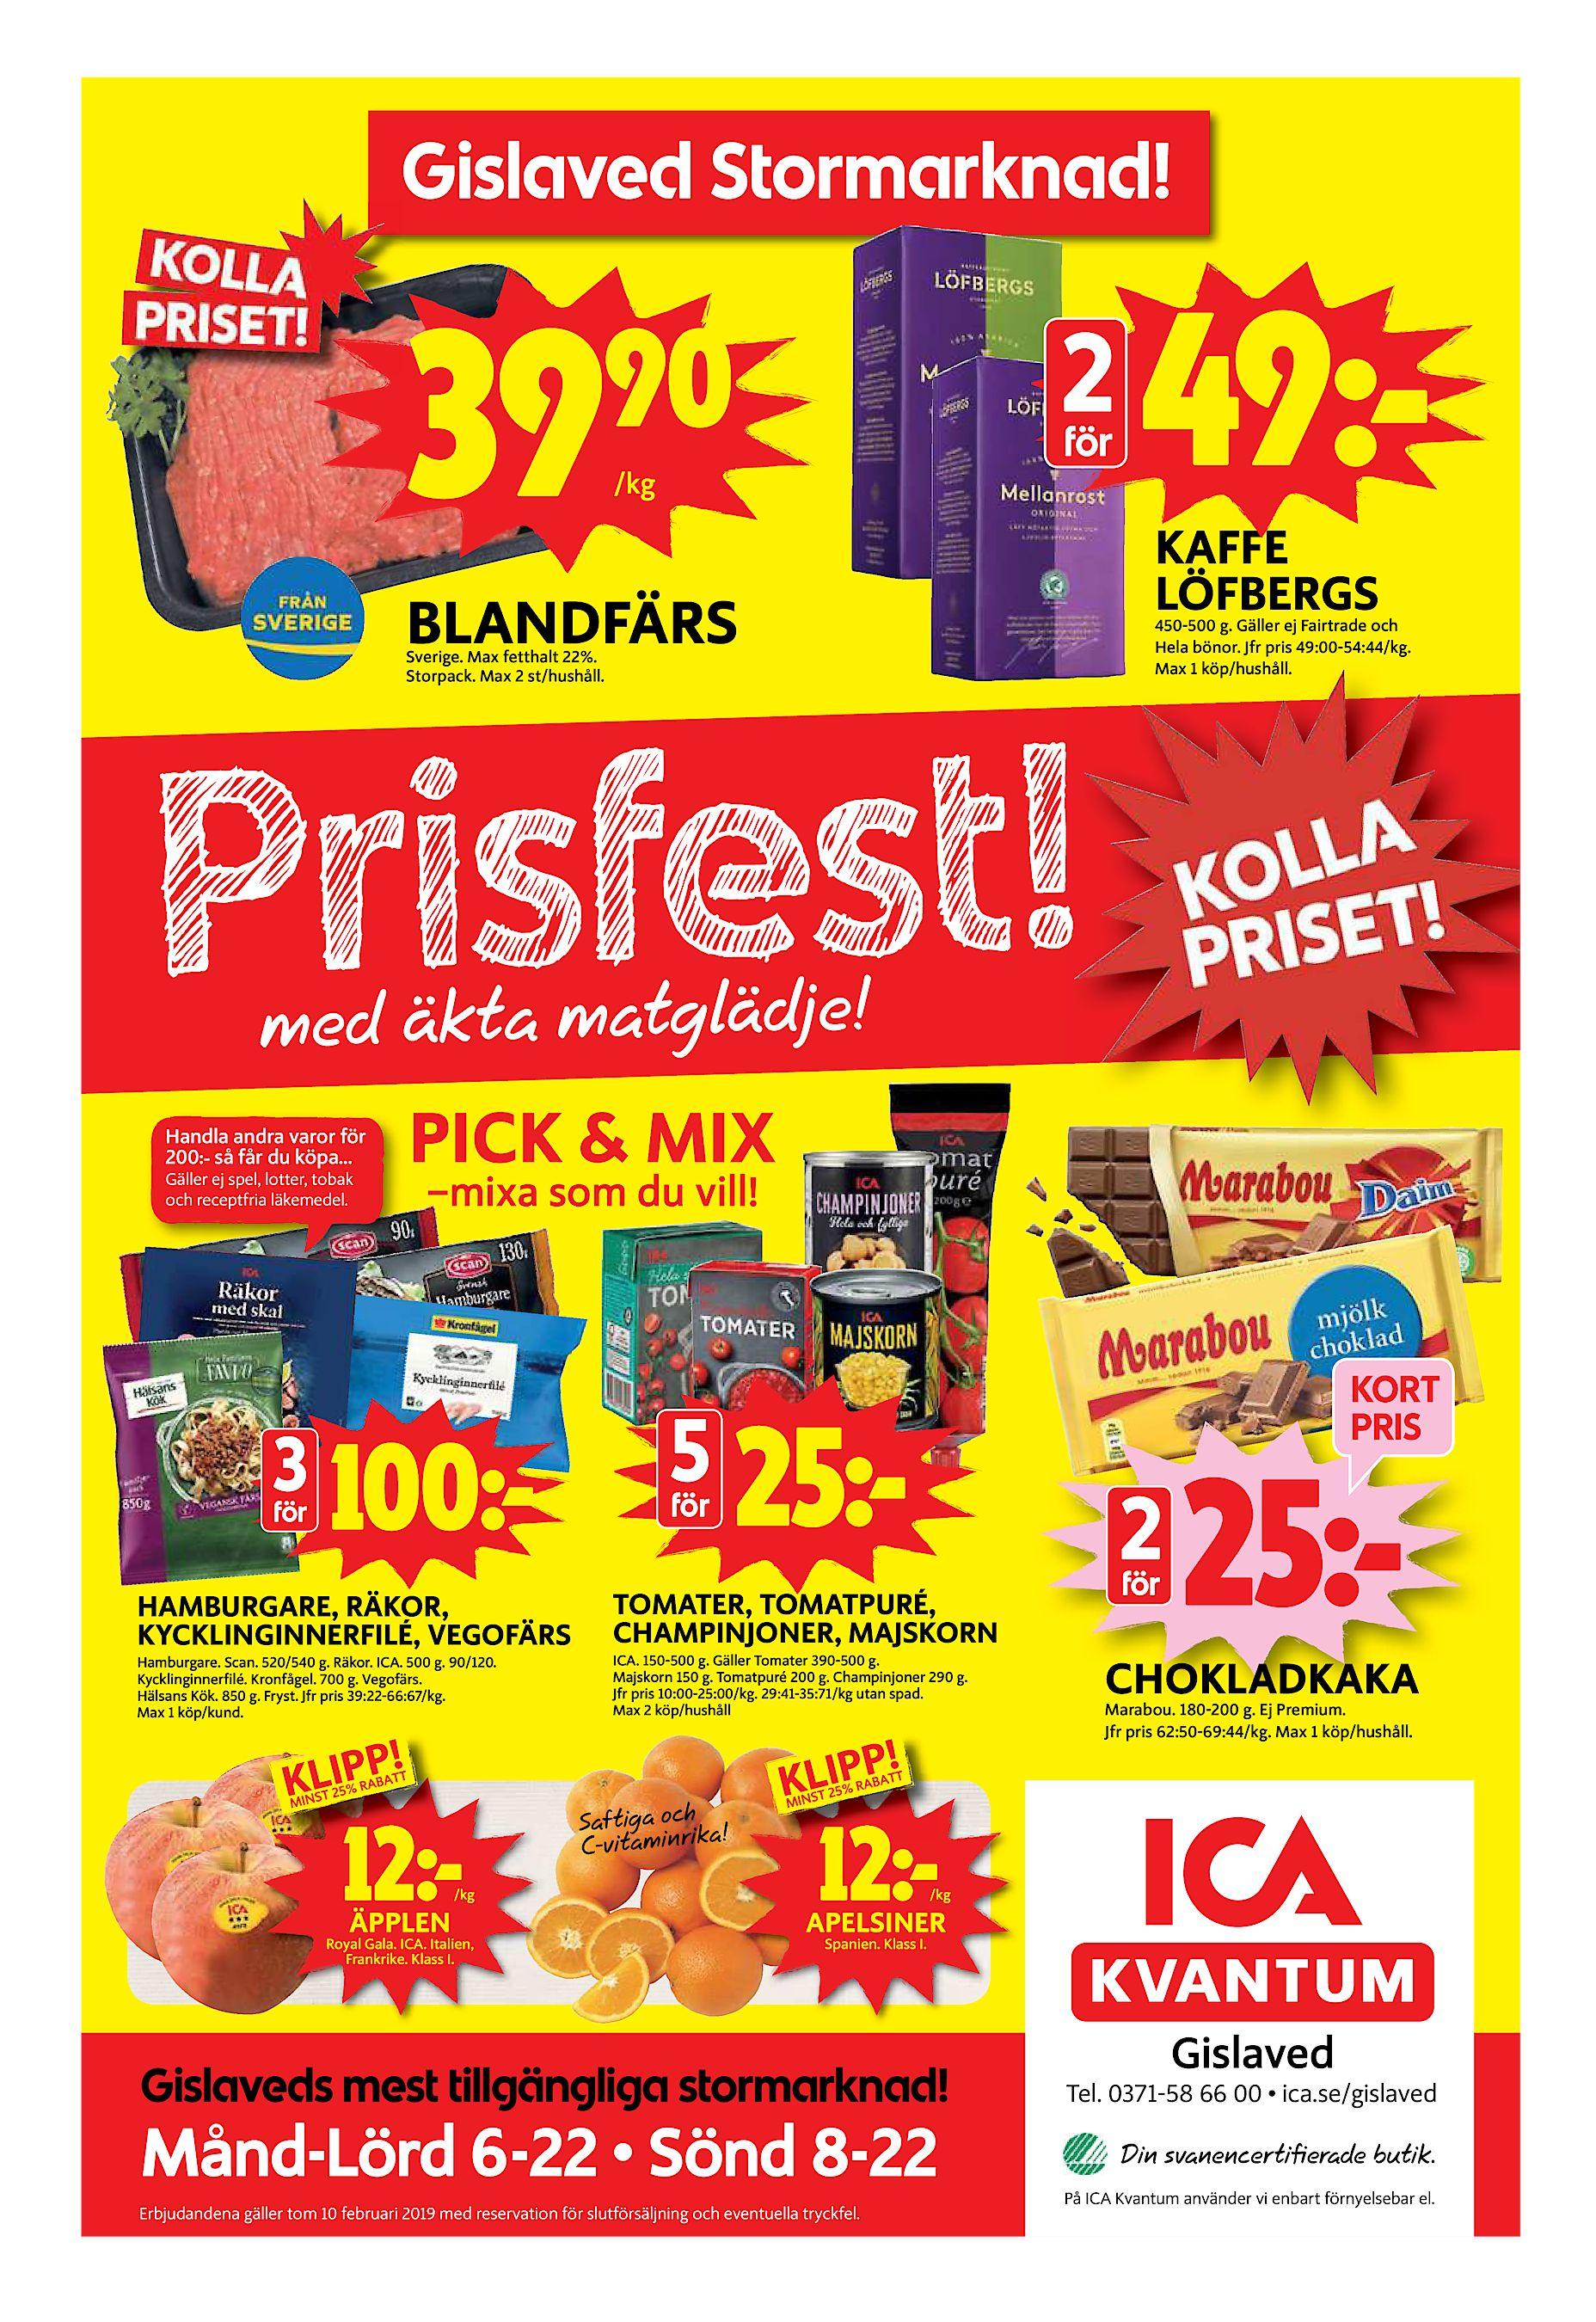 39 90 2 för  kg 49ª KAFFE LÖFBERGS BLANDFÄRS 450-500 g. Gäller ej Fairtrade  och Hela bönor. Jfr pris 49 00-54 44 kg. Max 1 köp hushåll. Sverige. bafa22d85795e